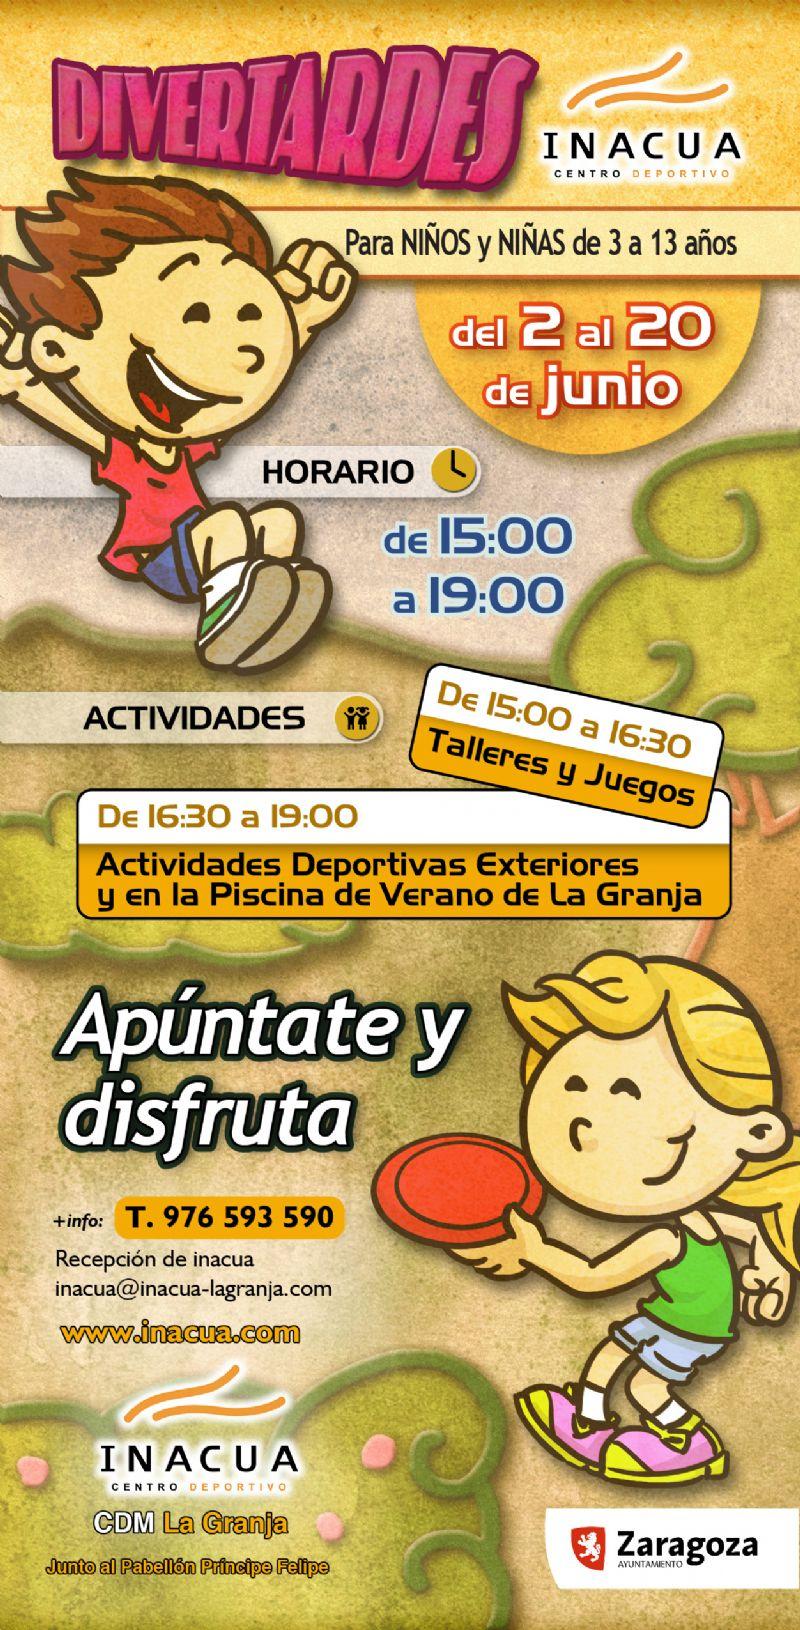 «Divertardes» en CDM La Granja Inacua